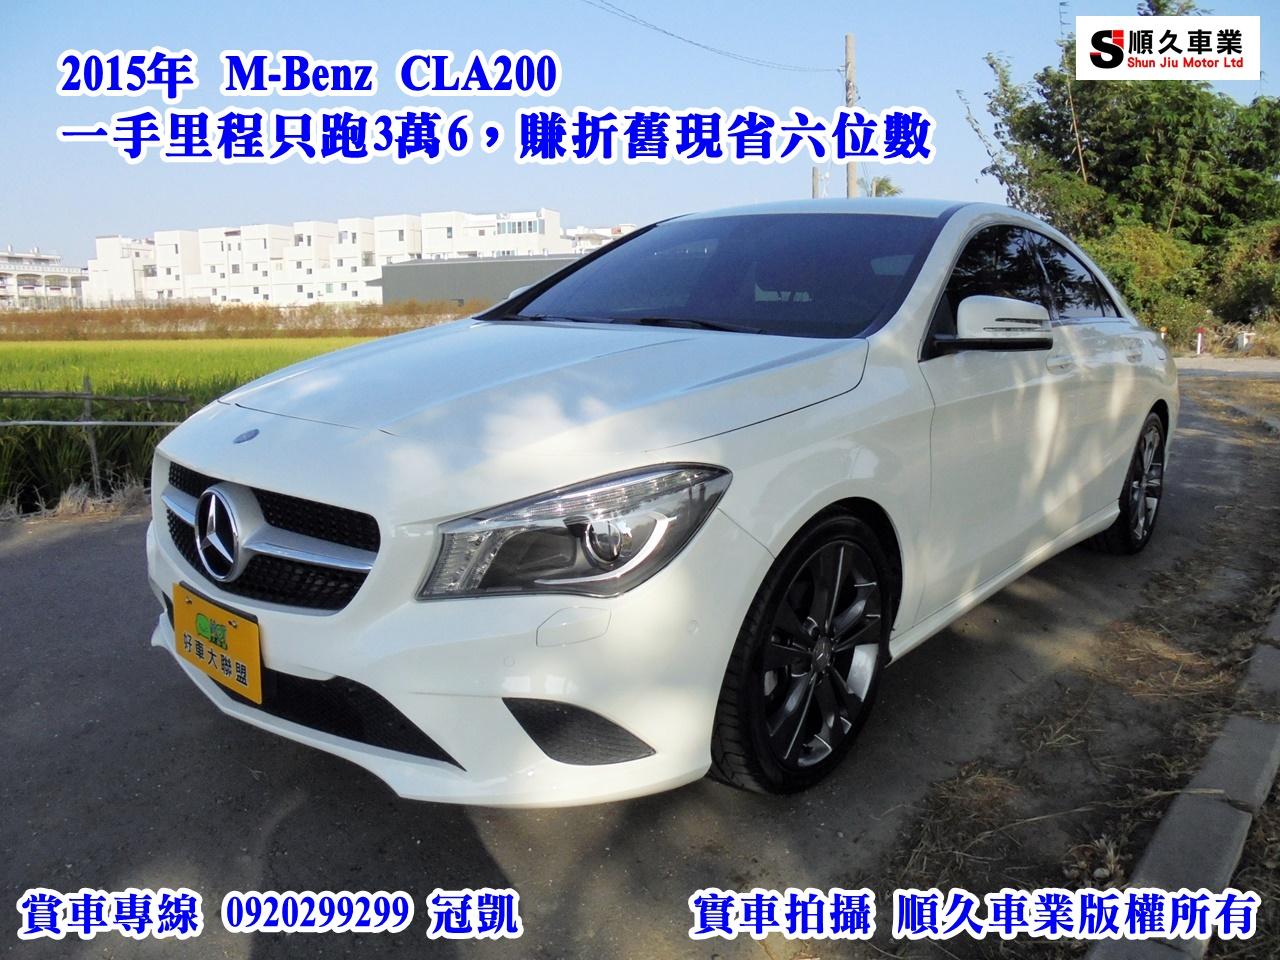 2015 M-benz Cla-class